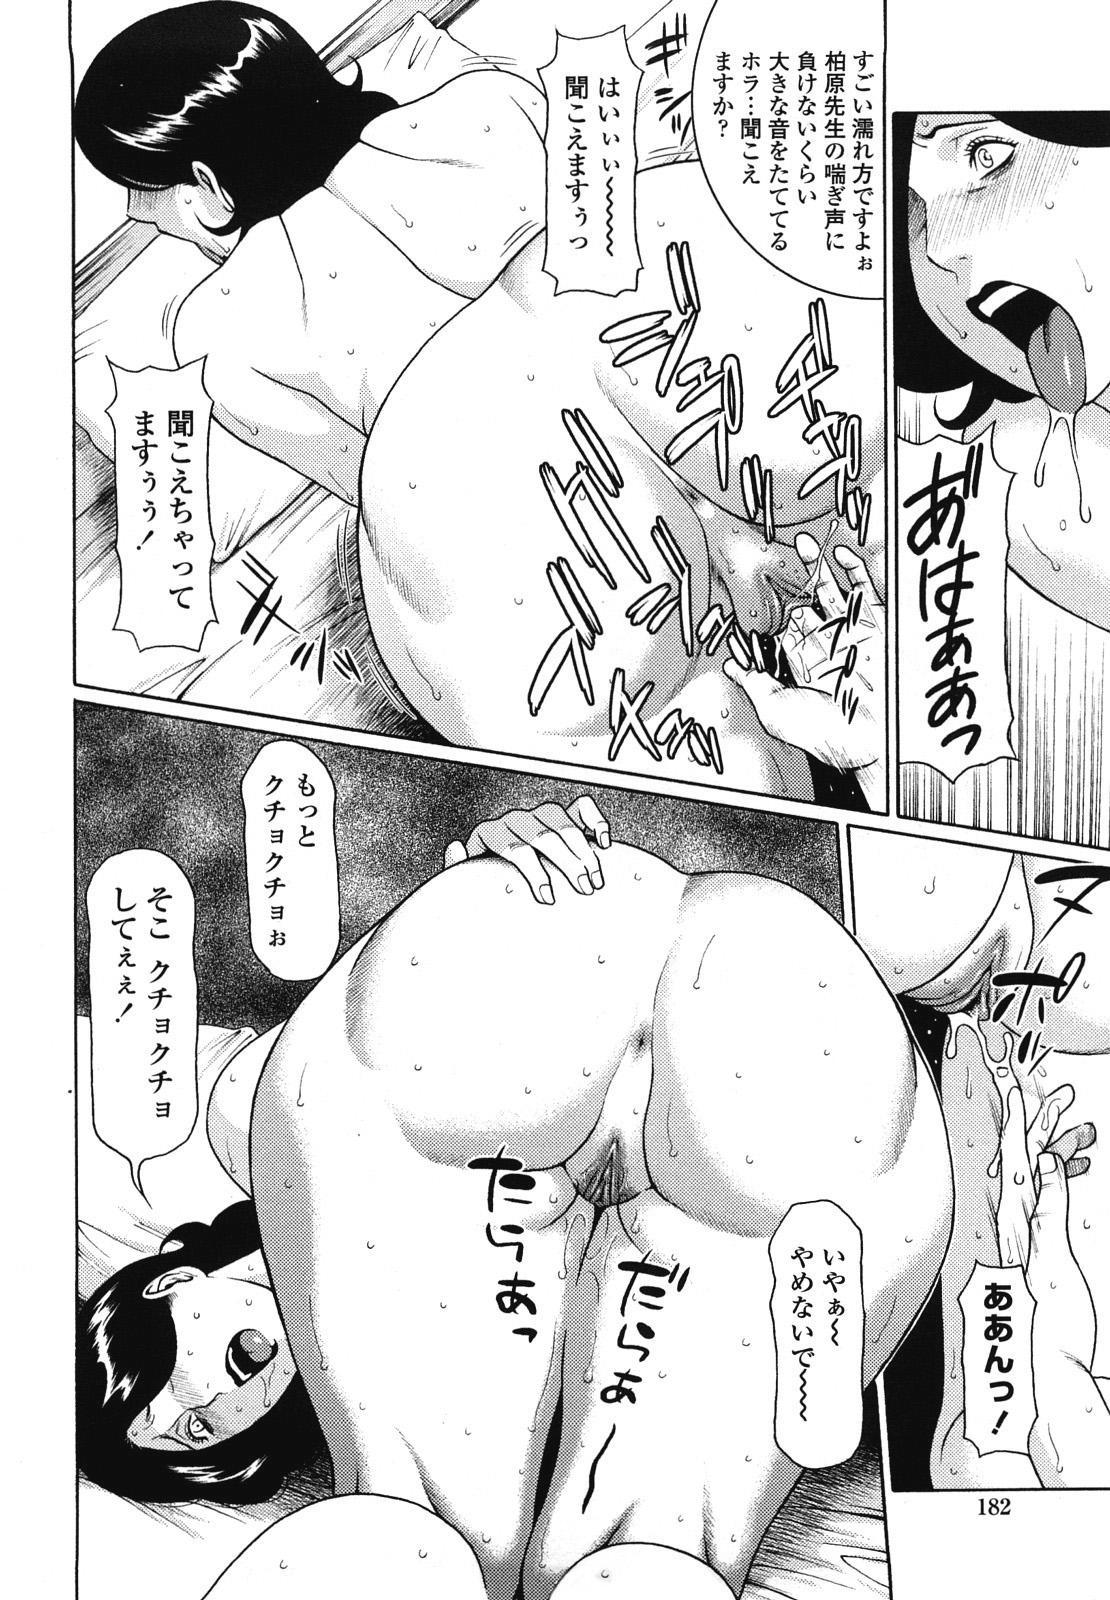 [Takasugi Kou] Kindan no Haha-Ana - Immorality Love-Hole Ch. 11-12 [Decensored] 9